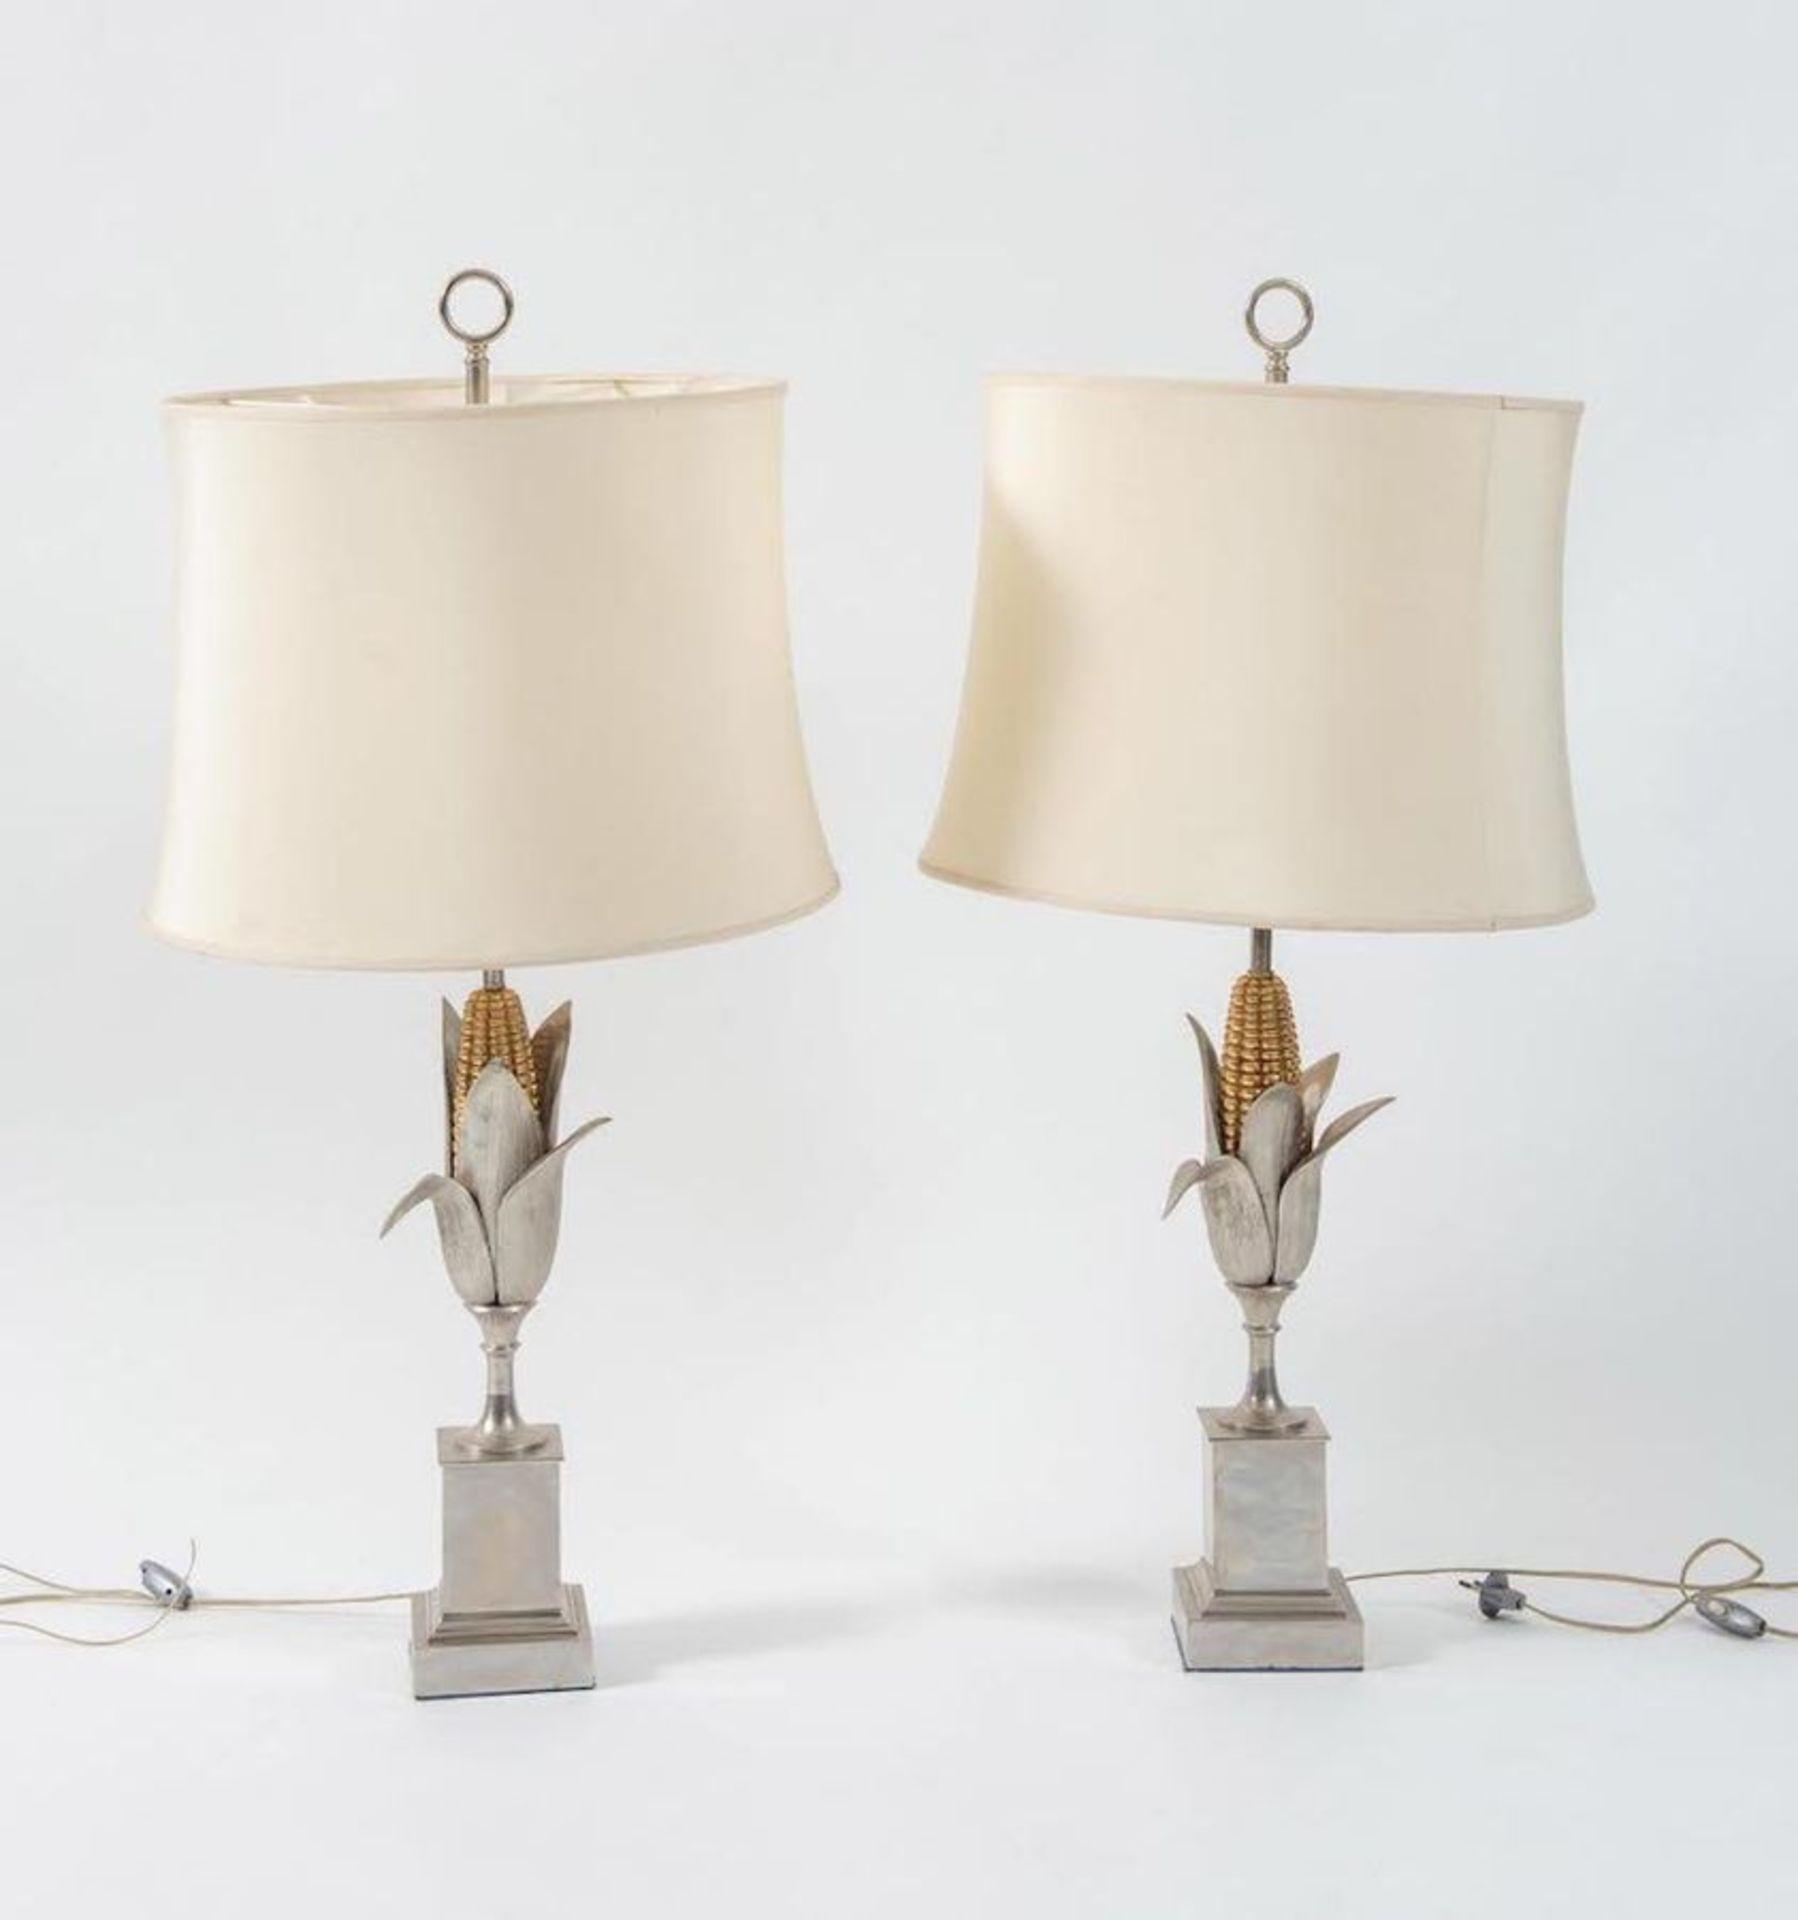 MAISON CHARLES, attr. Coppia di lampade da tavolo in metallo. Prod. Maison Charles Att. ,Francia, 19